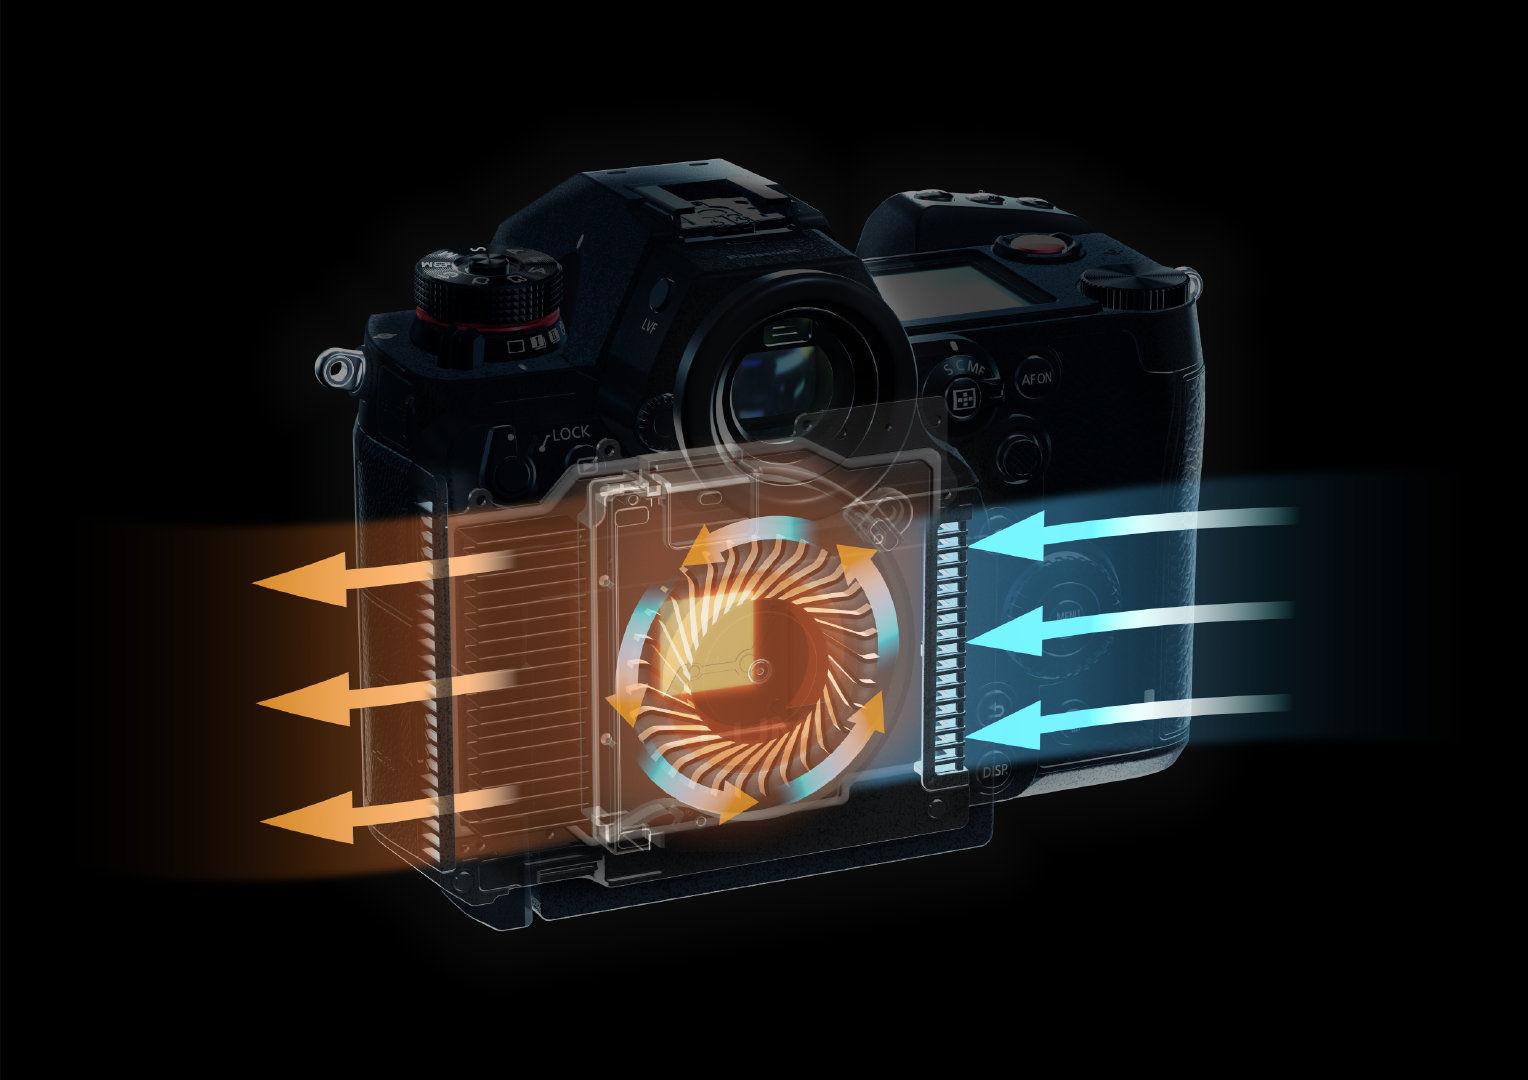 松下 Lumix S1H 是一款能 6K 录影的全画幅无反机插图(1)